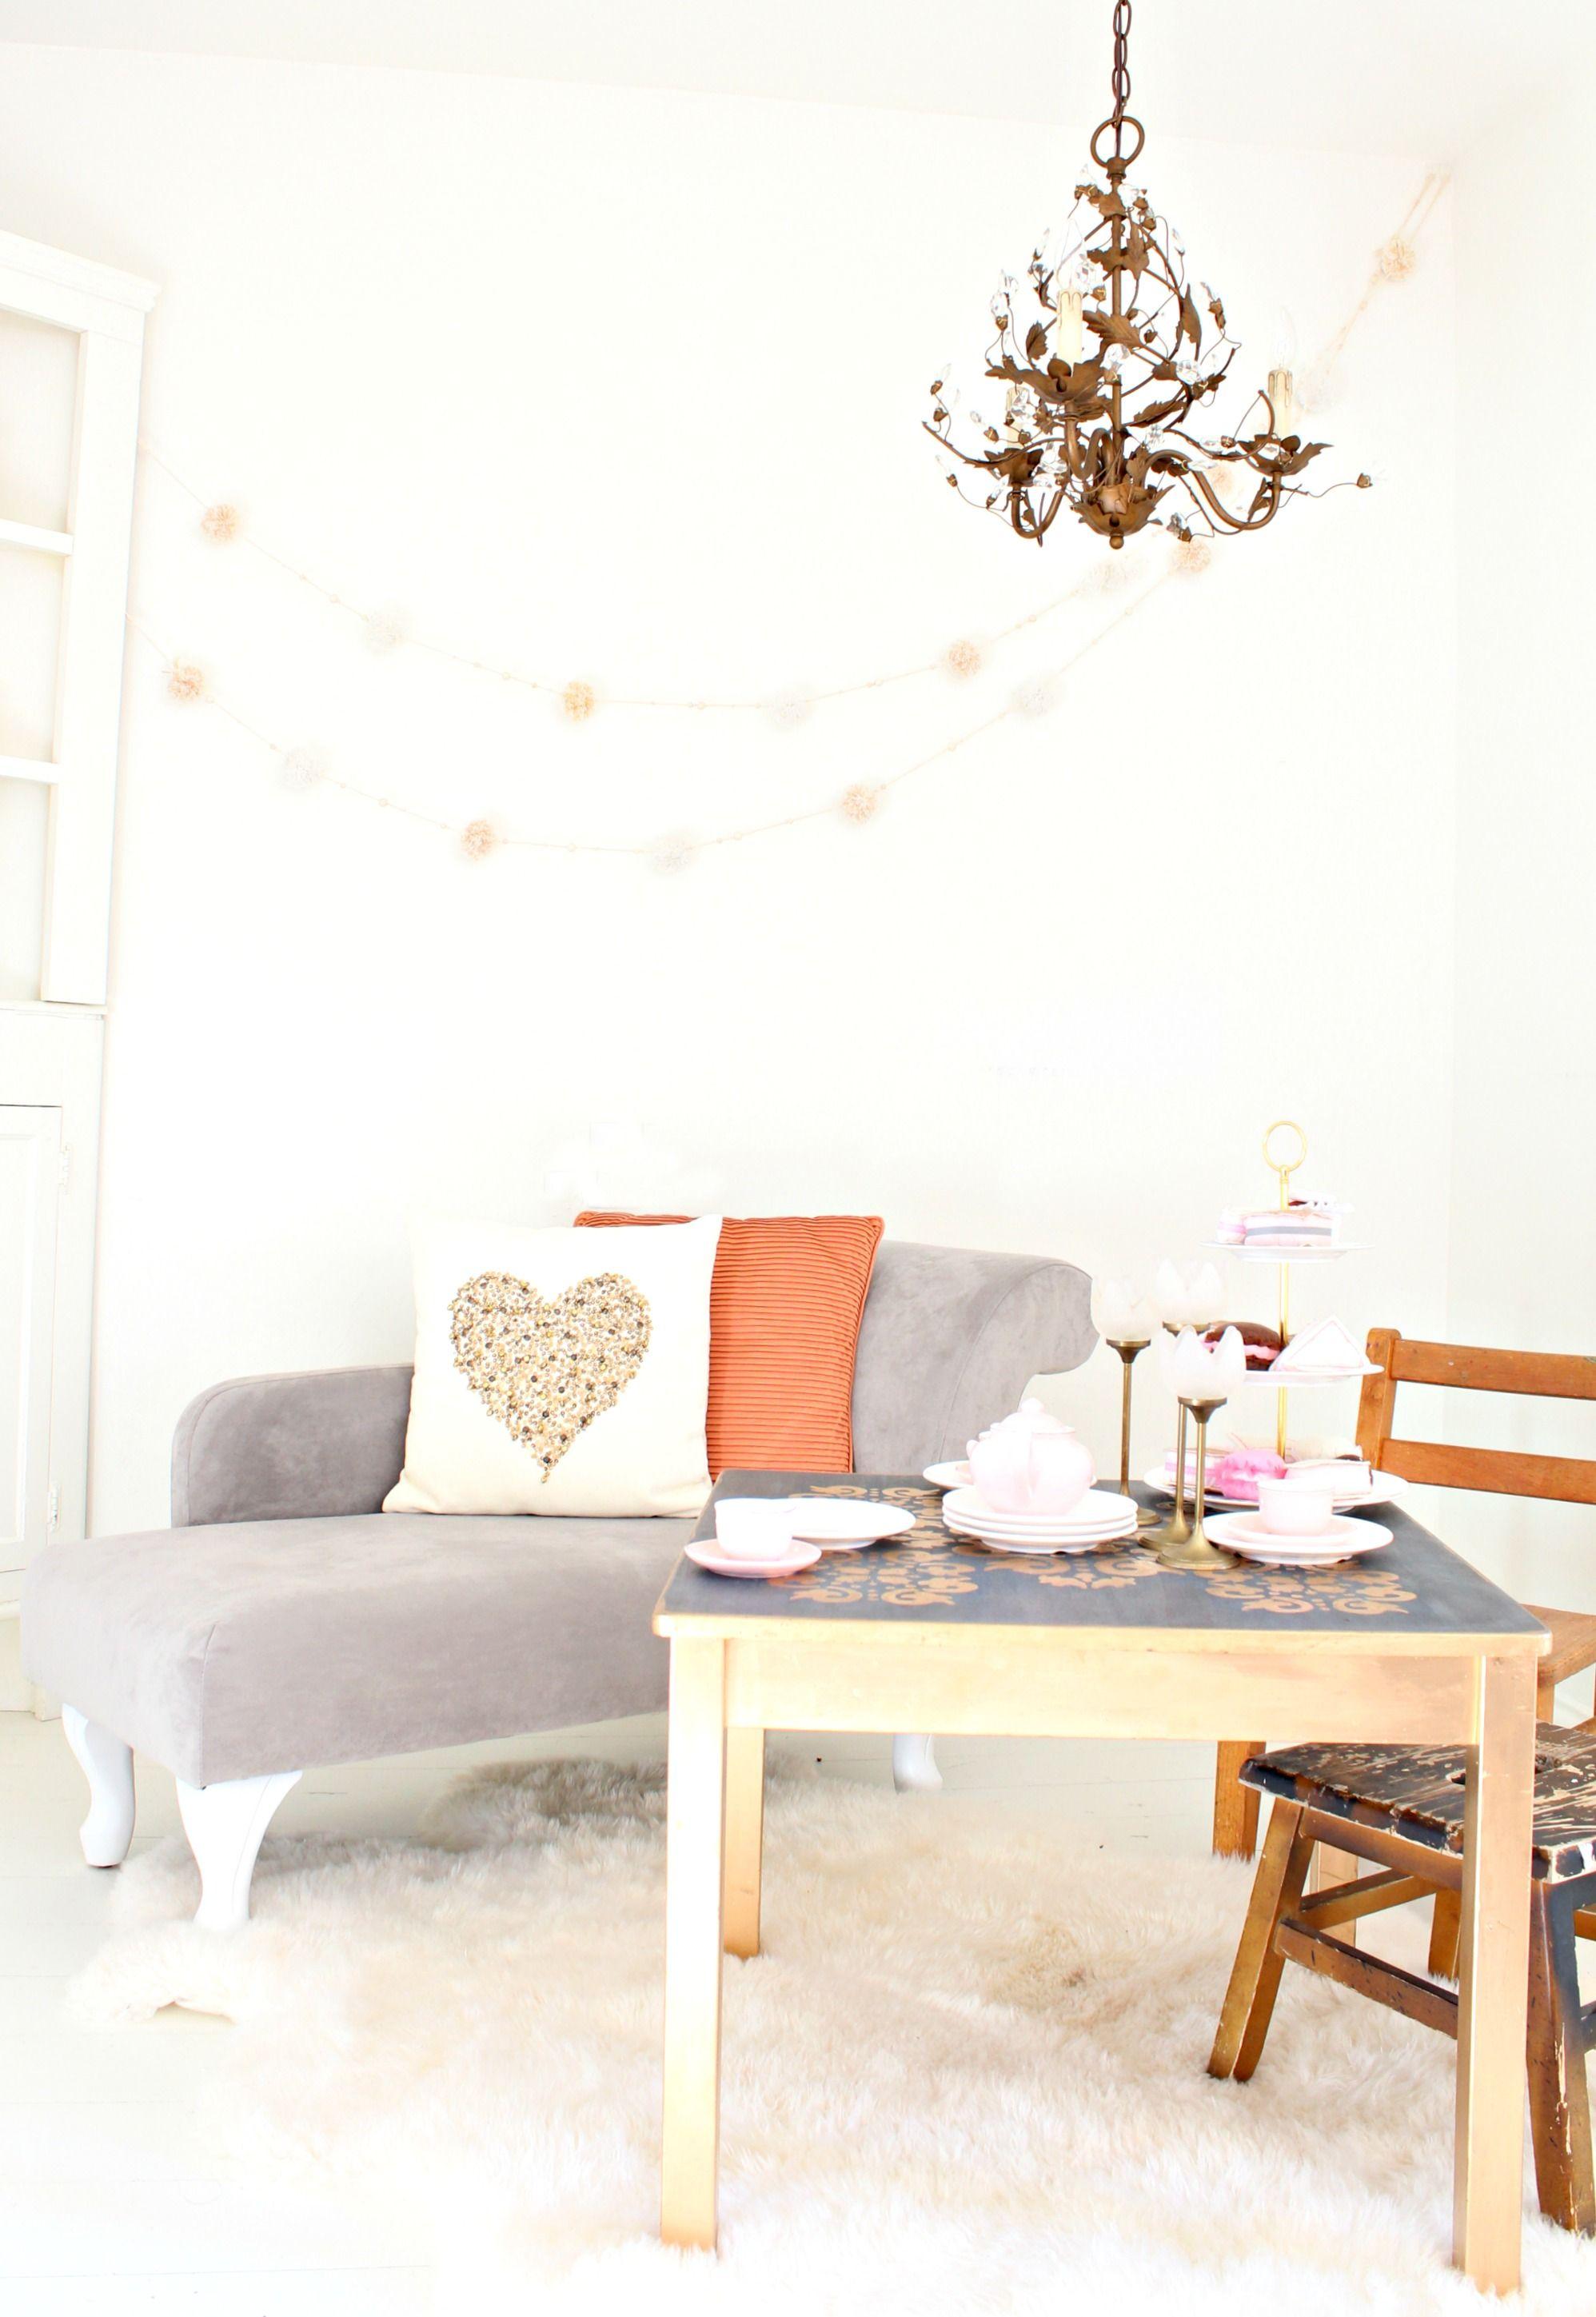 Fancy Farmhouse Girls Room - Girls Bedroom Ideas & Girls